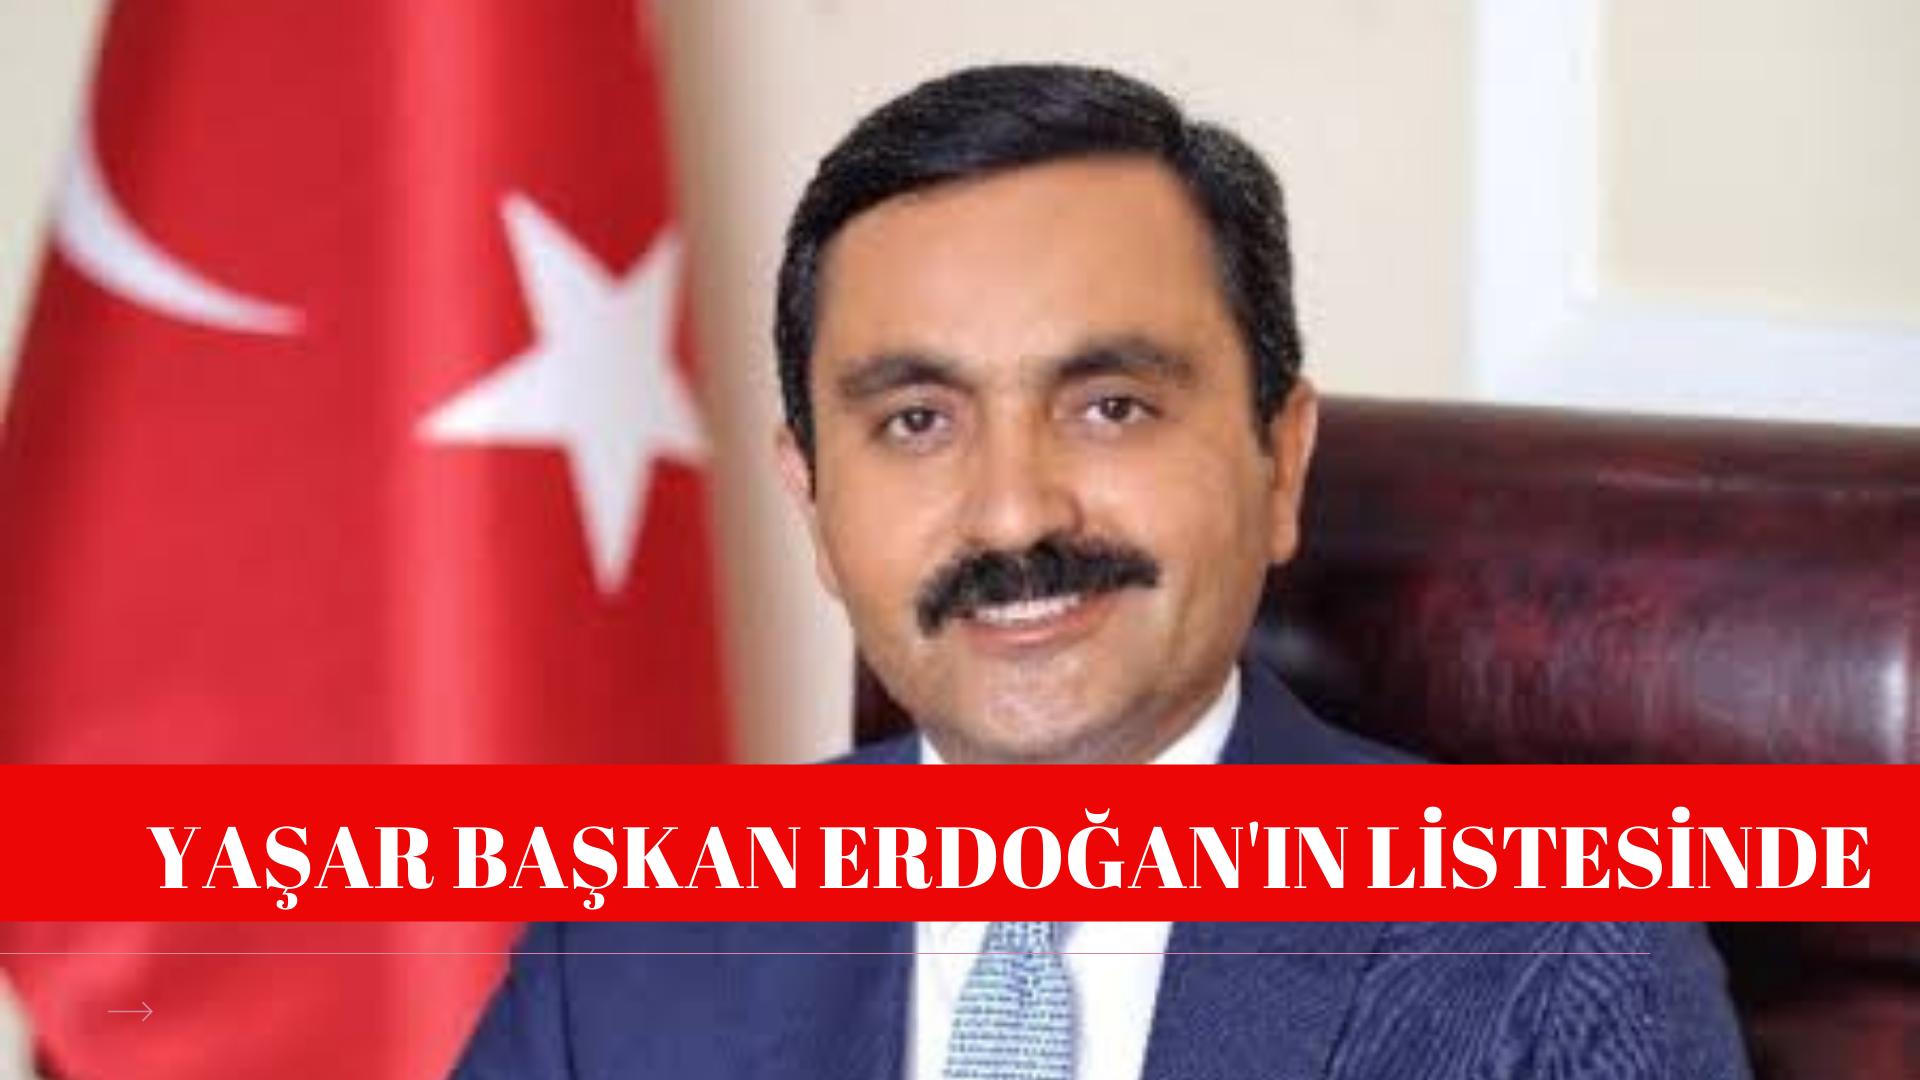 Yaşar Başkan, Parti İçi Demokrasi Hakem Kurulu listesinde